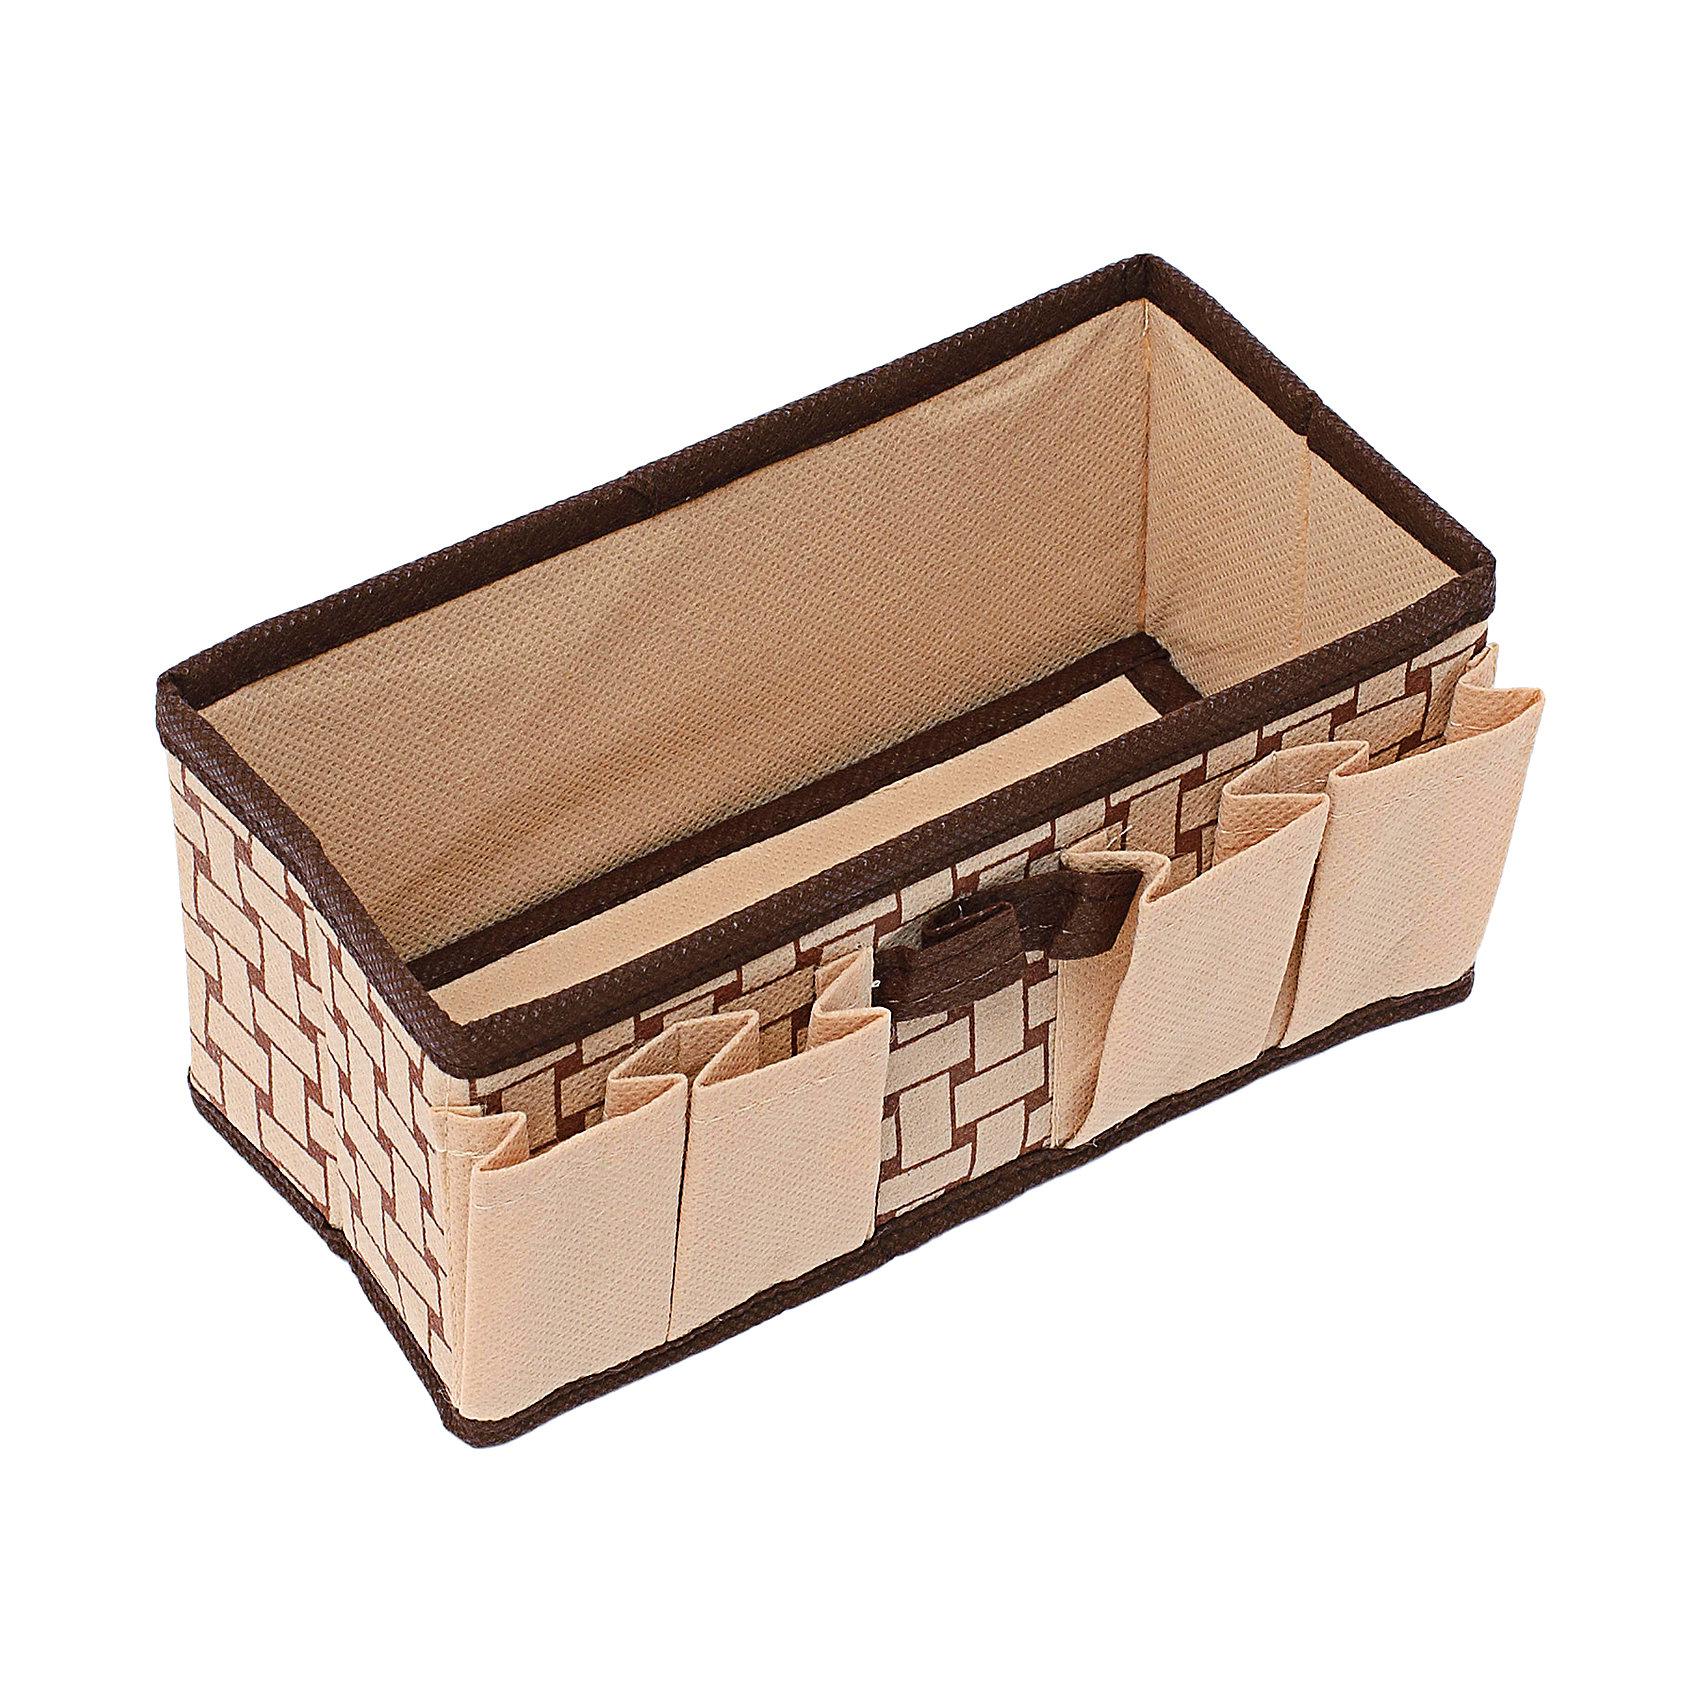 Органайзер для украшений и мелочей (20*10*10) Pletenka, HomsuОрганайзеры для одежды<br>Характеристики товара:<br><br>• цвет: бежевый<br>• материал: полиэстер, картон<br>• размер: 20х10х10 см<br>• вес: 100 г<br>• легкий прочный каркас<br>• обеспечивает естественную вентиляцию<br>• вместимость: 5 отделений<br>• страна бренда: Россия<br>• страна изготовитель: Китай<br><br>Органайзер для украшений и мелочей Pletenka от бренда Homsu (Хомсу) - очень удобная вещь для хранения вещей и эргономичной организации пространства.<br><br>Предмет легкий, устойчивый, вместительный, обеспечивает естественную вентиляцию.<br><br>Органайзер для украшений и мелочей (20*10*10) Pletenka, Homsu можно купить в нашем интернет-магазине.<br><br>Ширина мм: 200<br>Глубина мм: 100<br>Высота мм: 20<br>Вес г: 100<br>Возраст от месяцев: 216<br>Возраст до месяцев: 1188<br>Пол: Унисекс<br>Возраст: Детский<br>SKU: 5620152